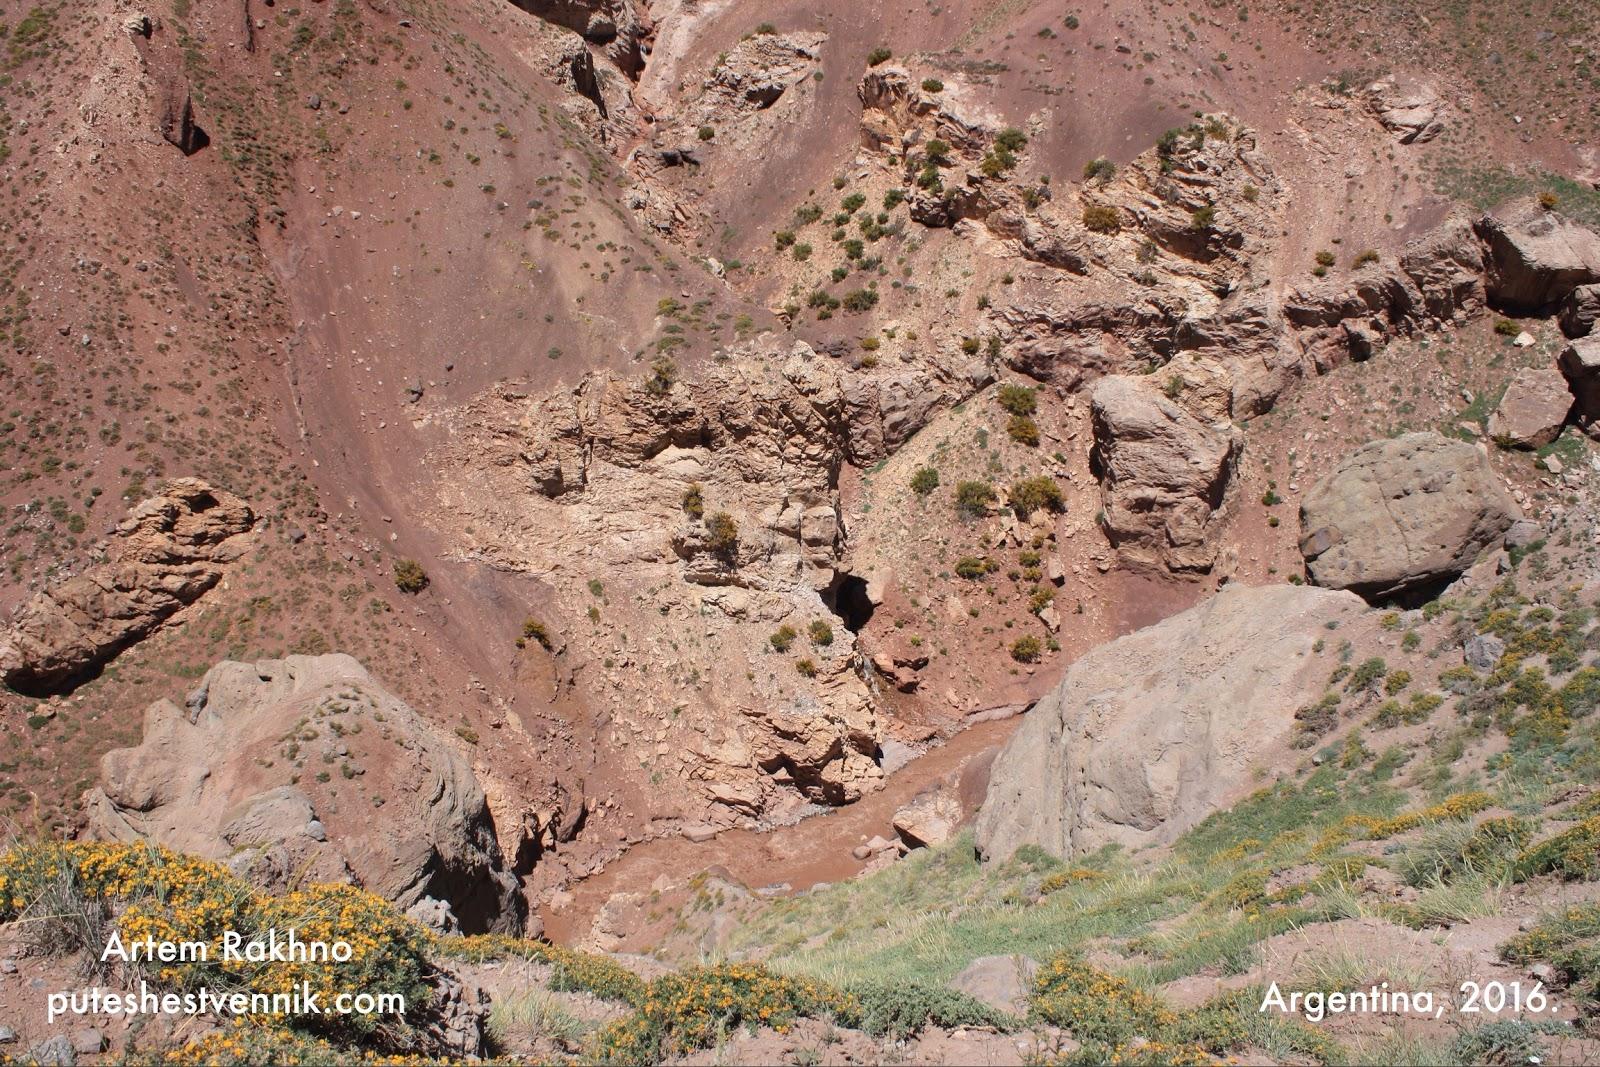 Склон горы в Аргентине